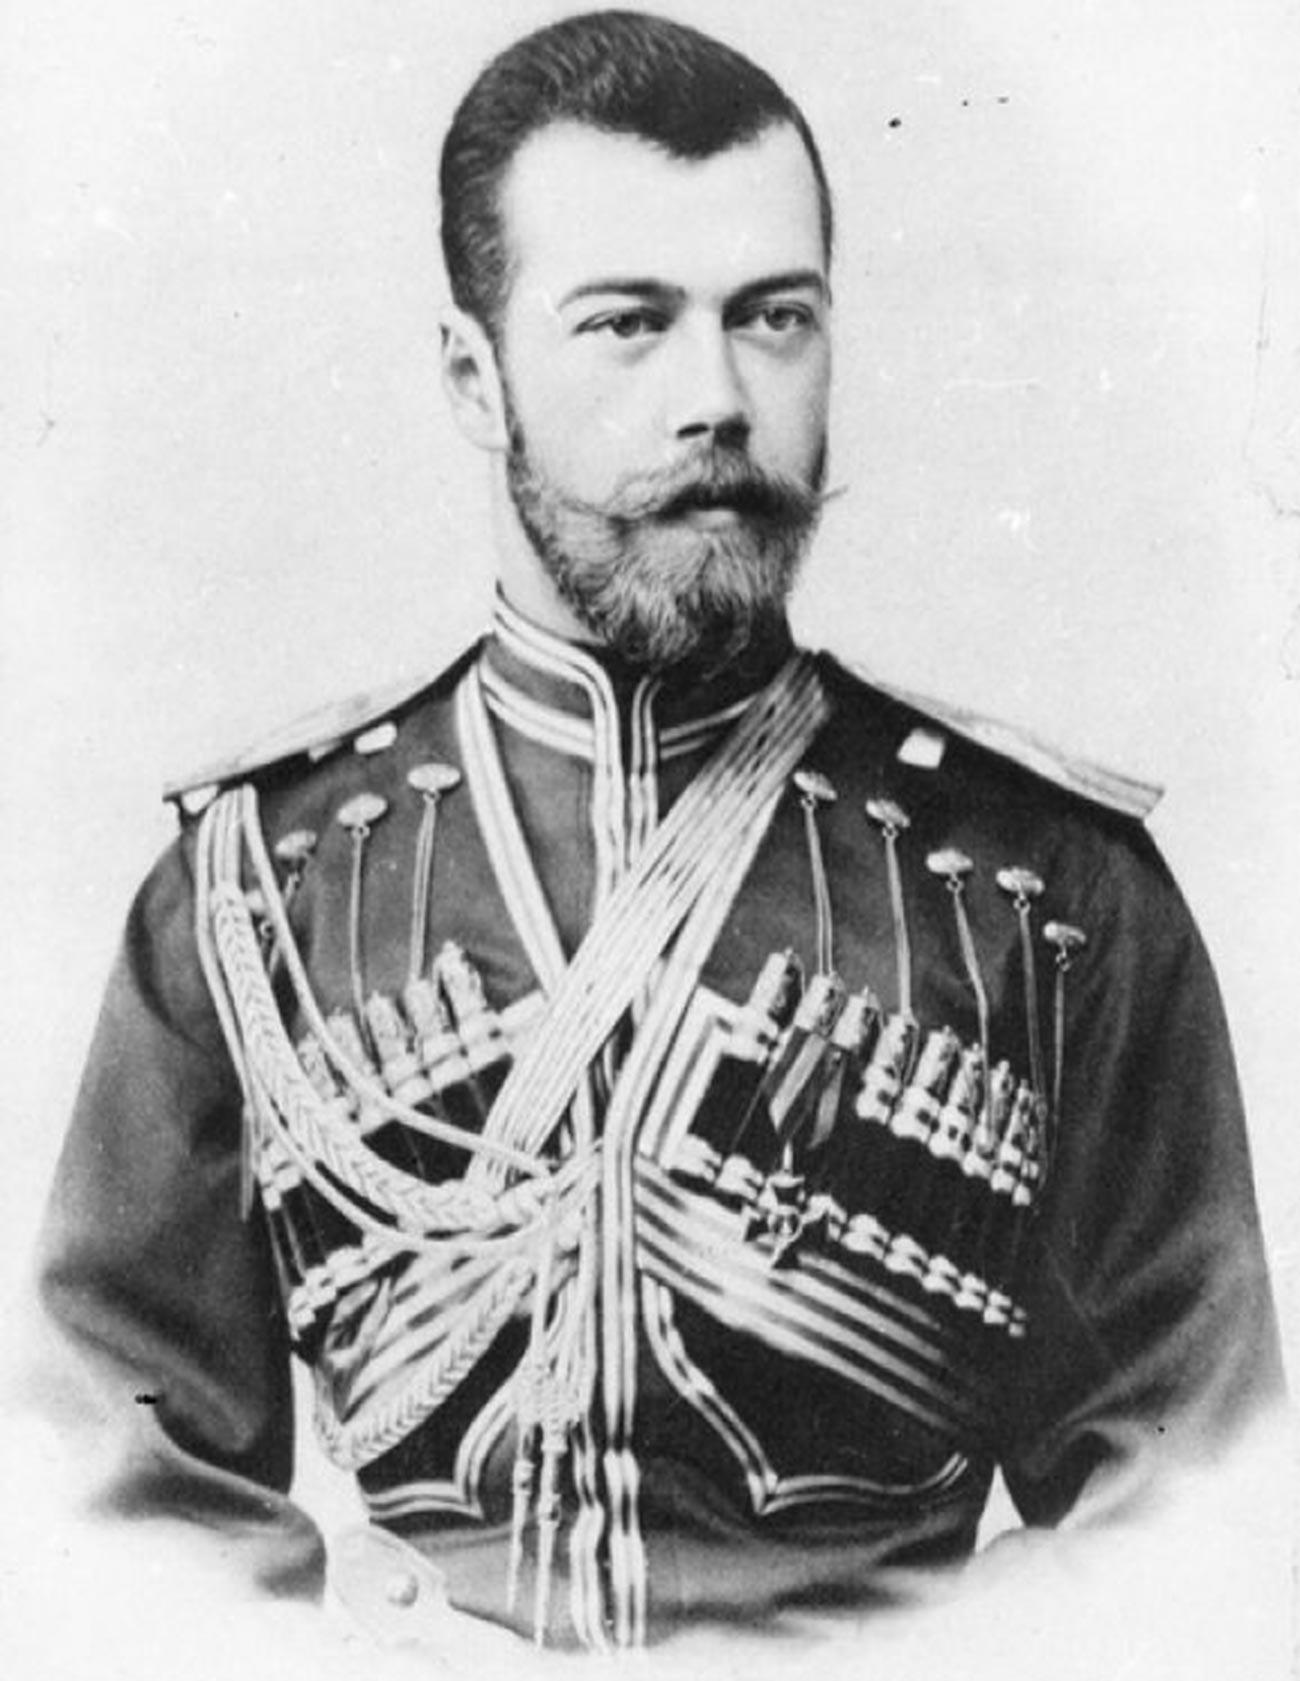 Nicolás II con el uniforme del Regimiento de Húsares de la Guardia de Su Majestad